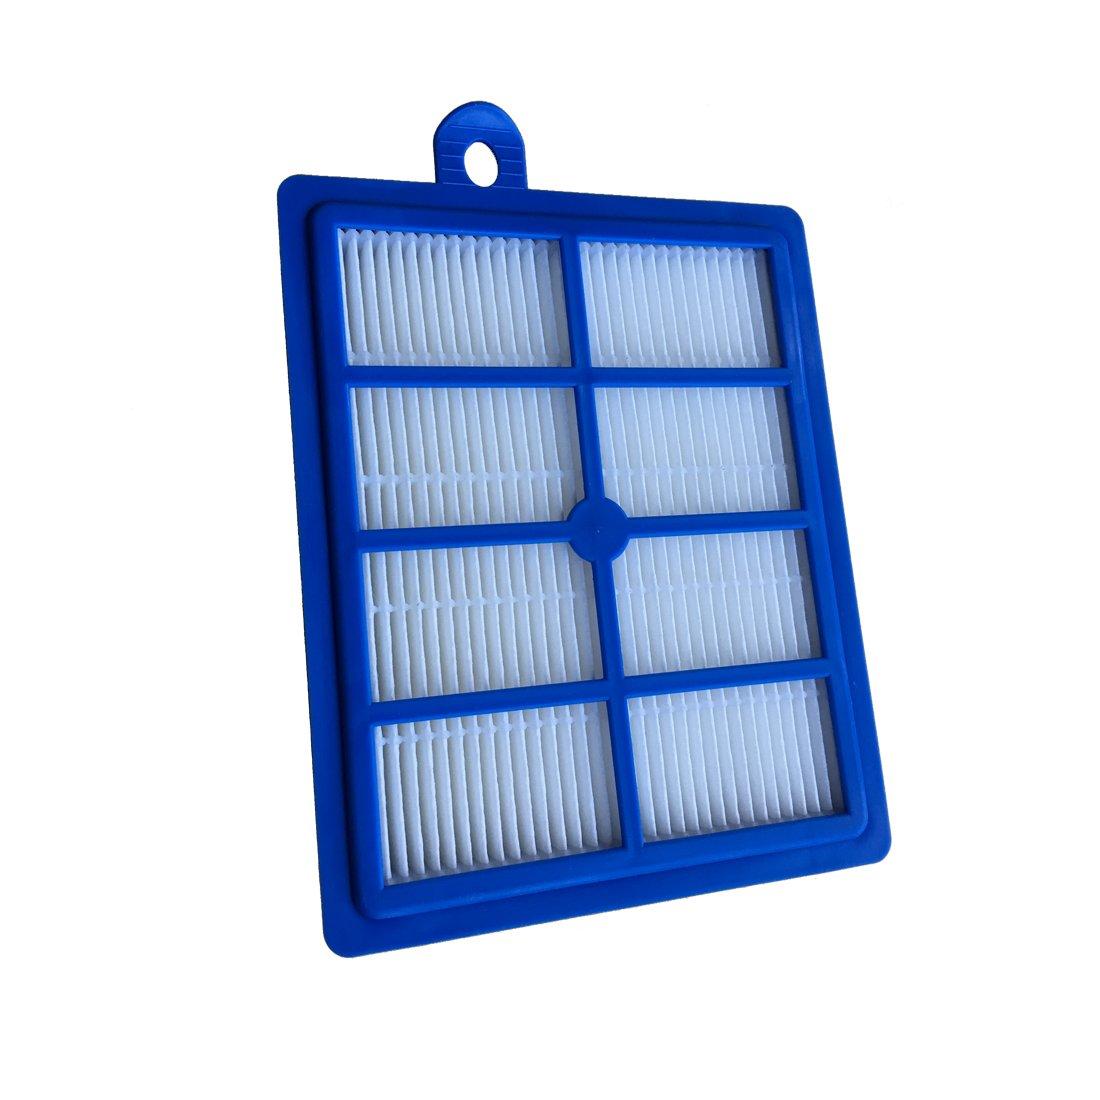 Filtros para aspiradoras REYEE de Philips, filtros lavables ...